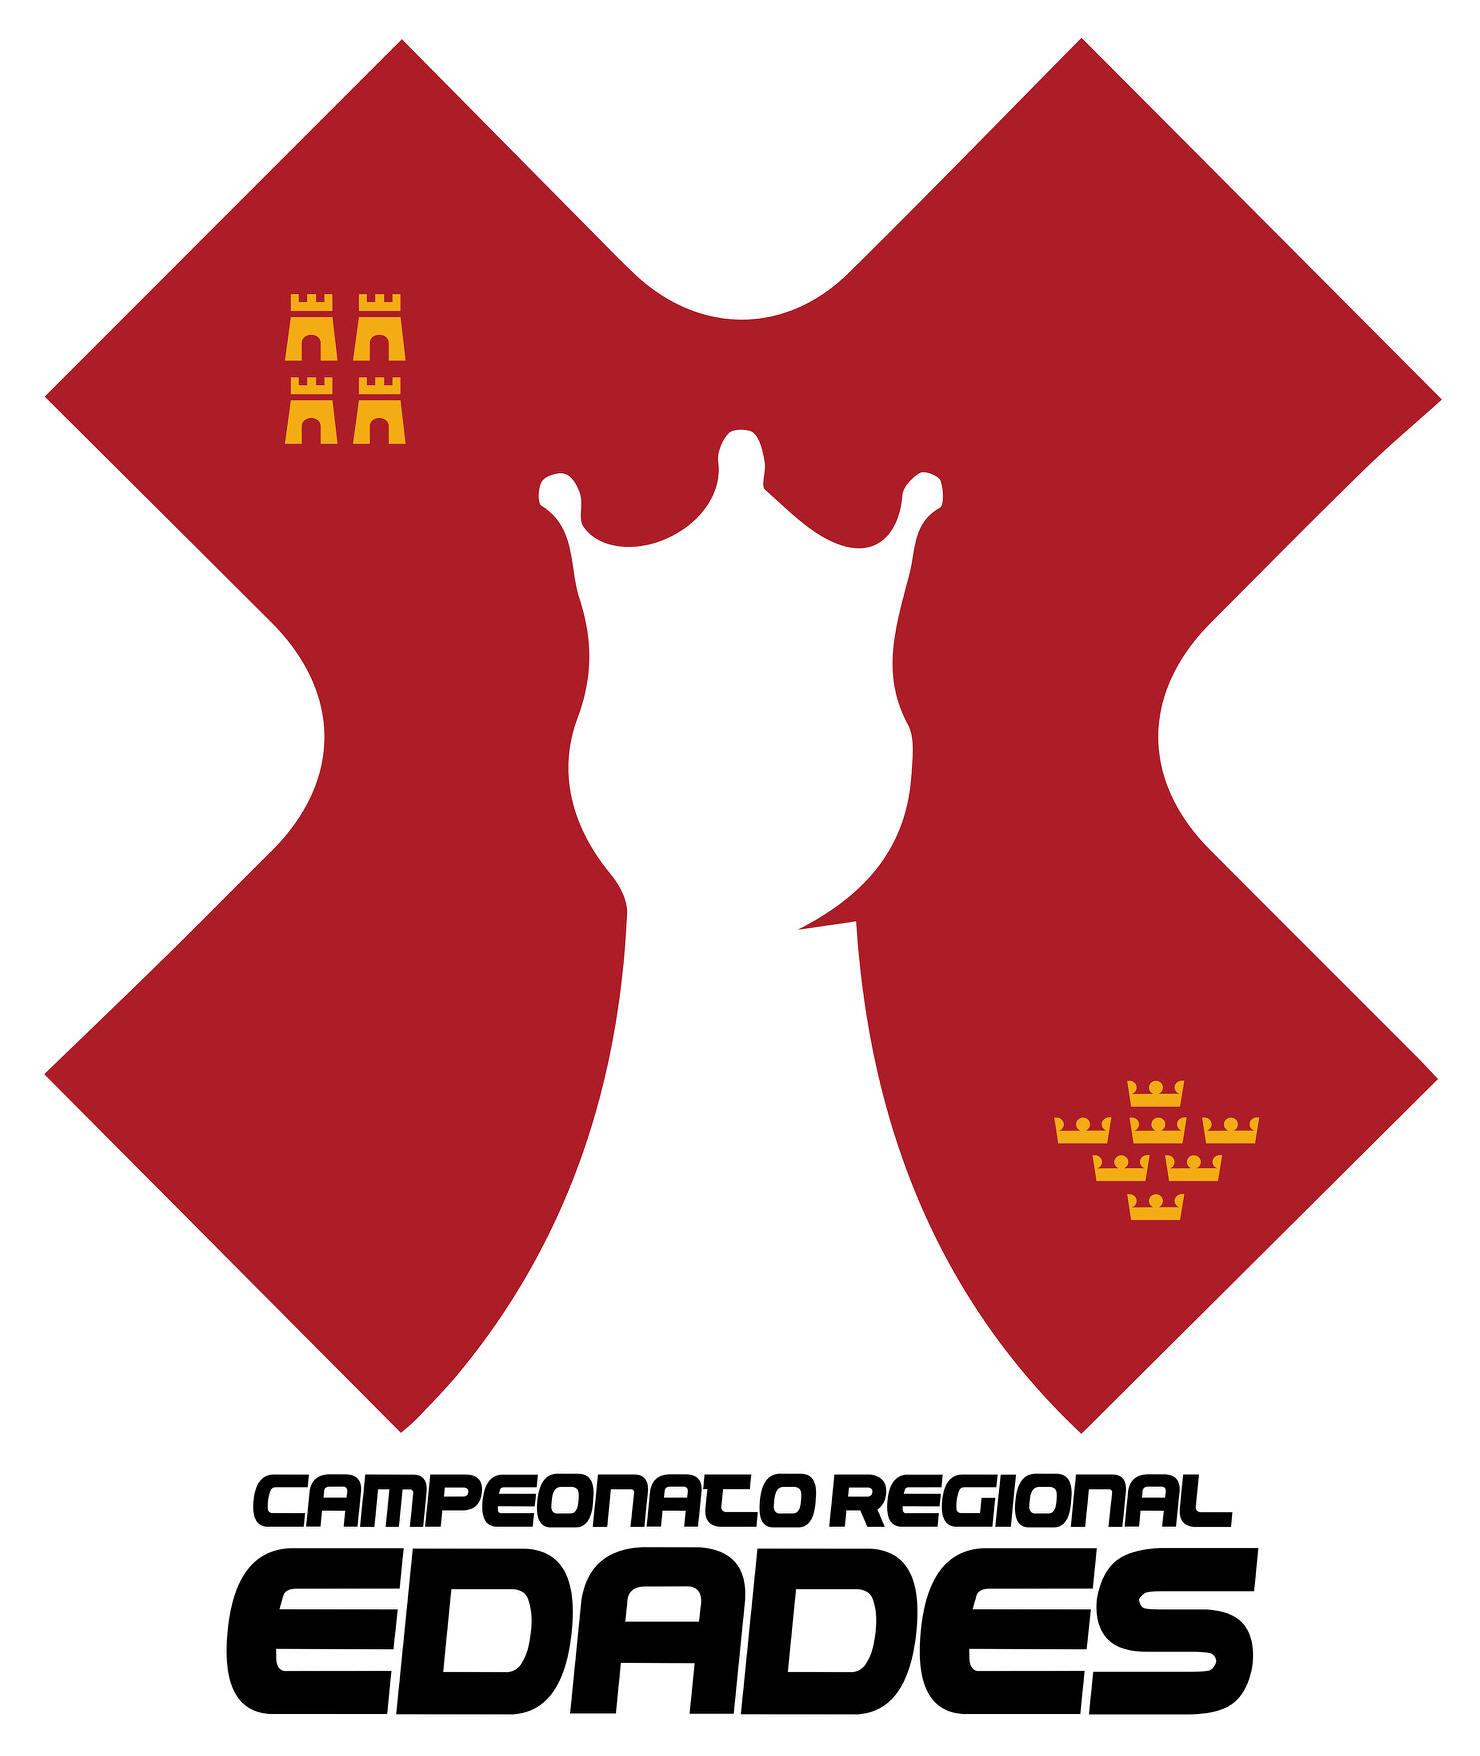 Campeonato Regional por edades